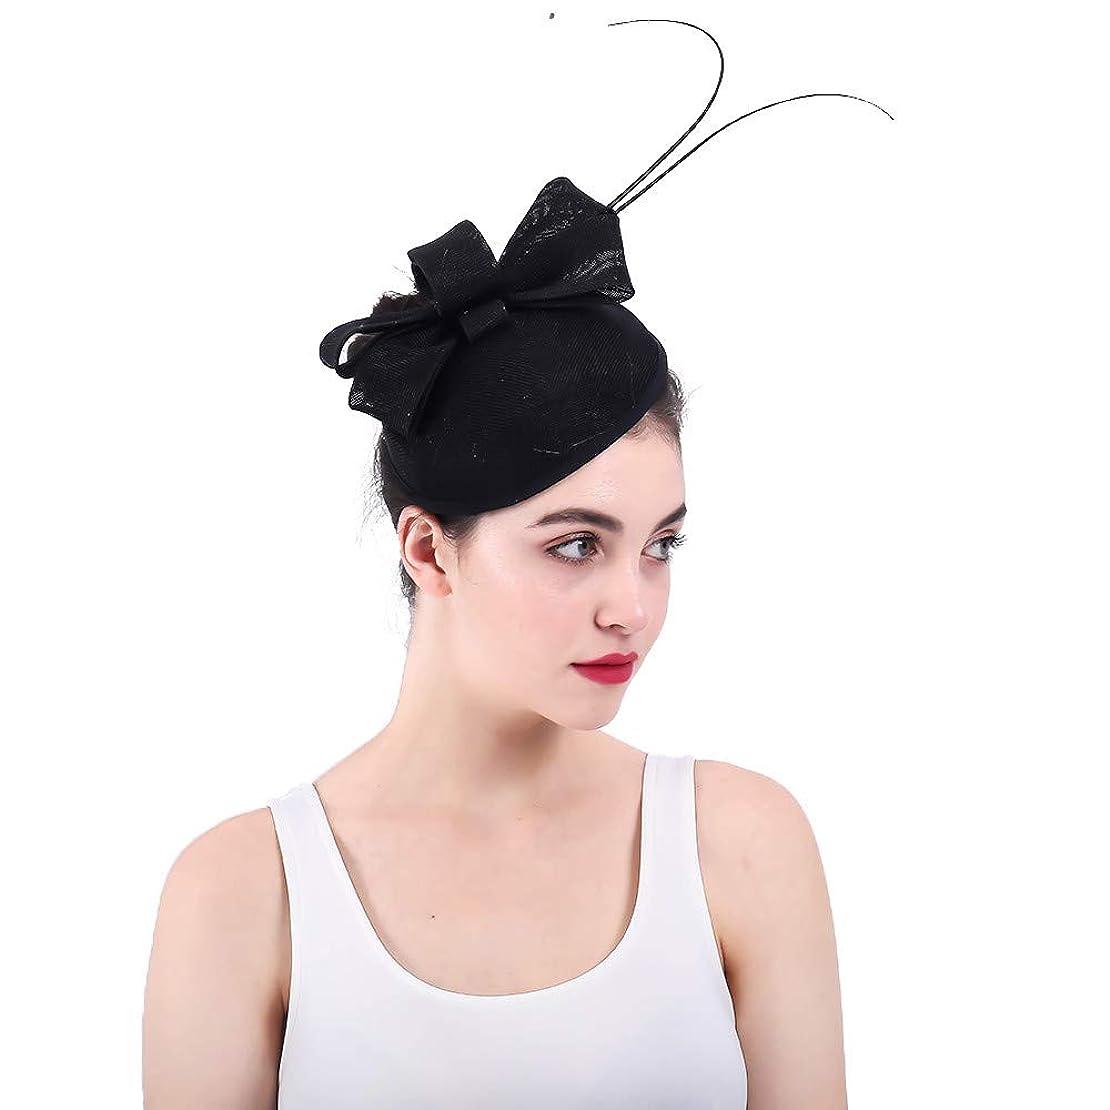 相談する産地加速度女性の魅力的な帽子 女性のエレガントな魅惑的な結婚式のヘアピンヘッドドレスフラワーレディカクテルティーパーティー帽子ロイヤルアスコットピルボックスダービーキャップ